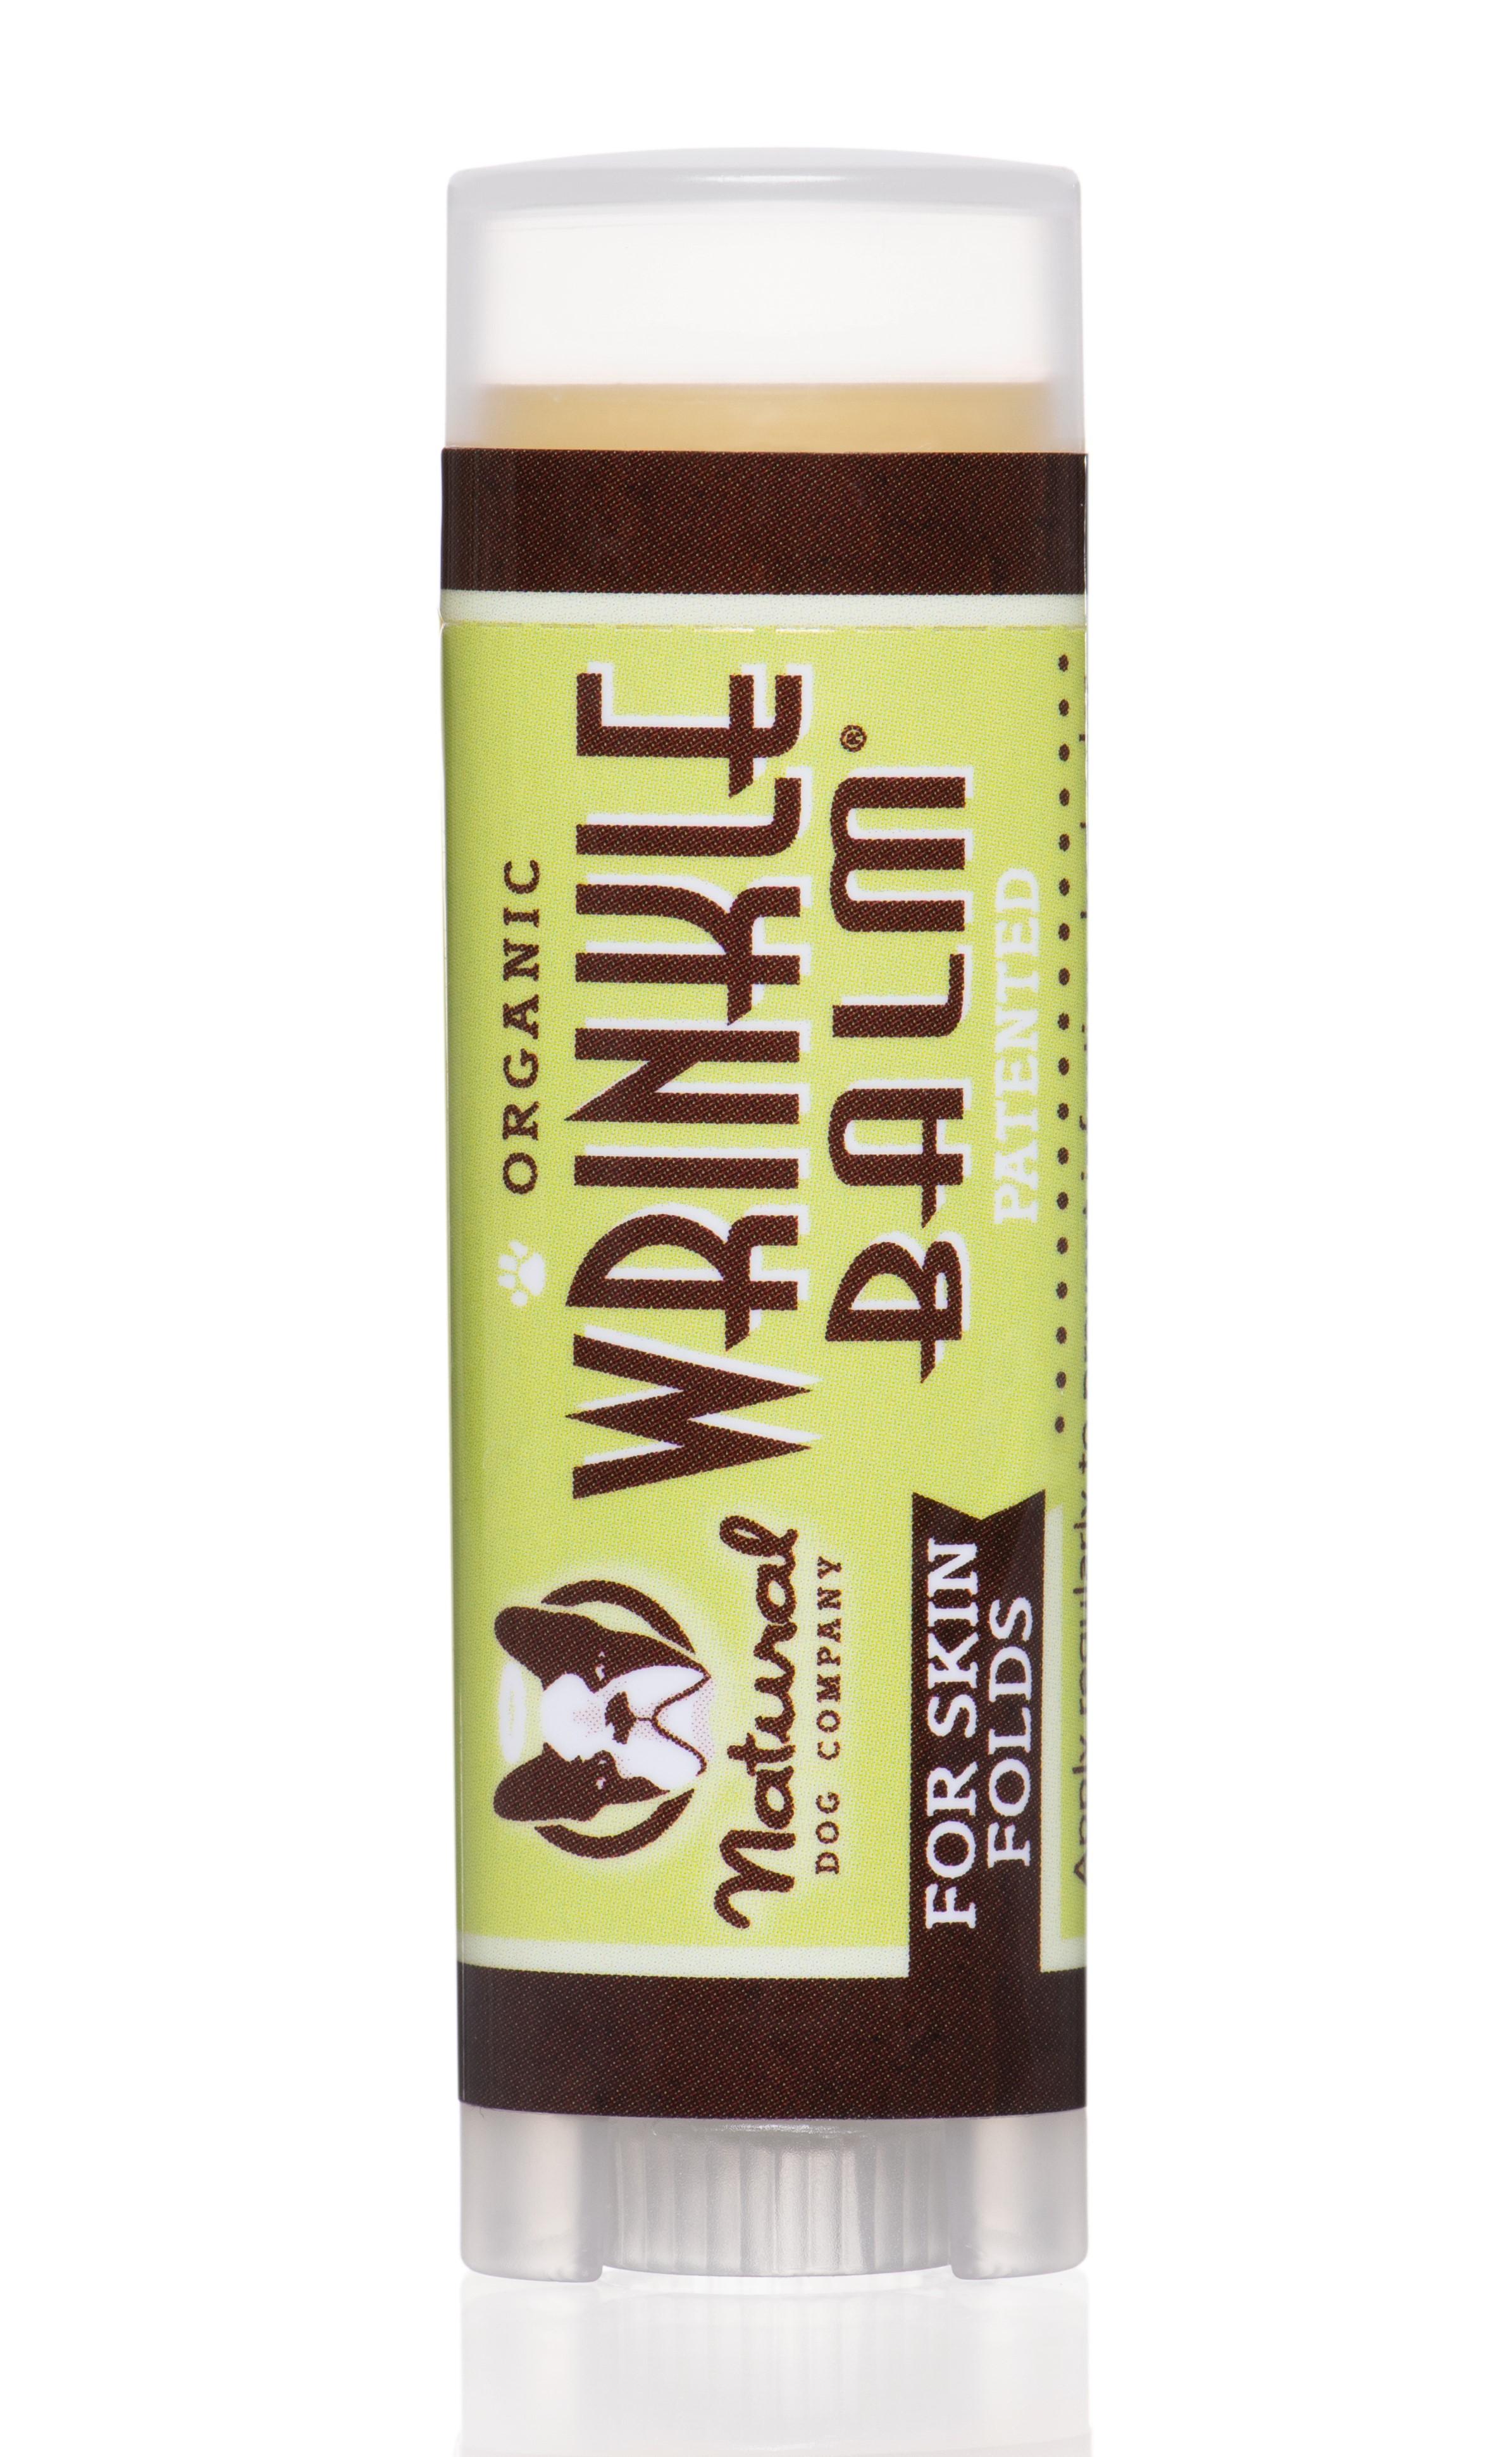 Natural Dog Company Wrinkle Balm - Balzám na vrásky cestovní balení Balzám na vrásky cestovní balení 4,5ml/4,25g.